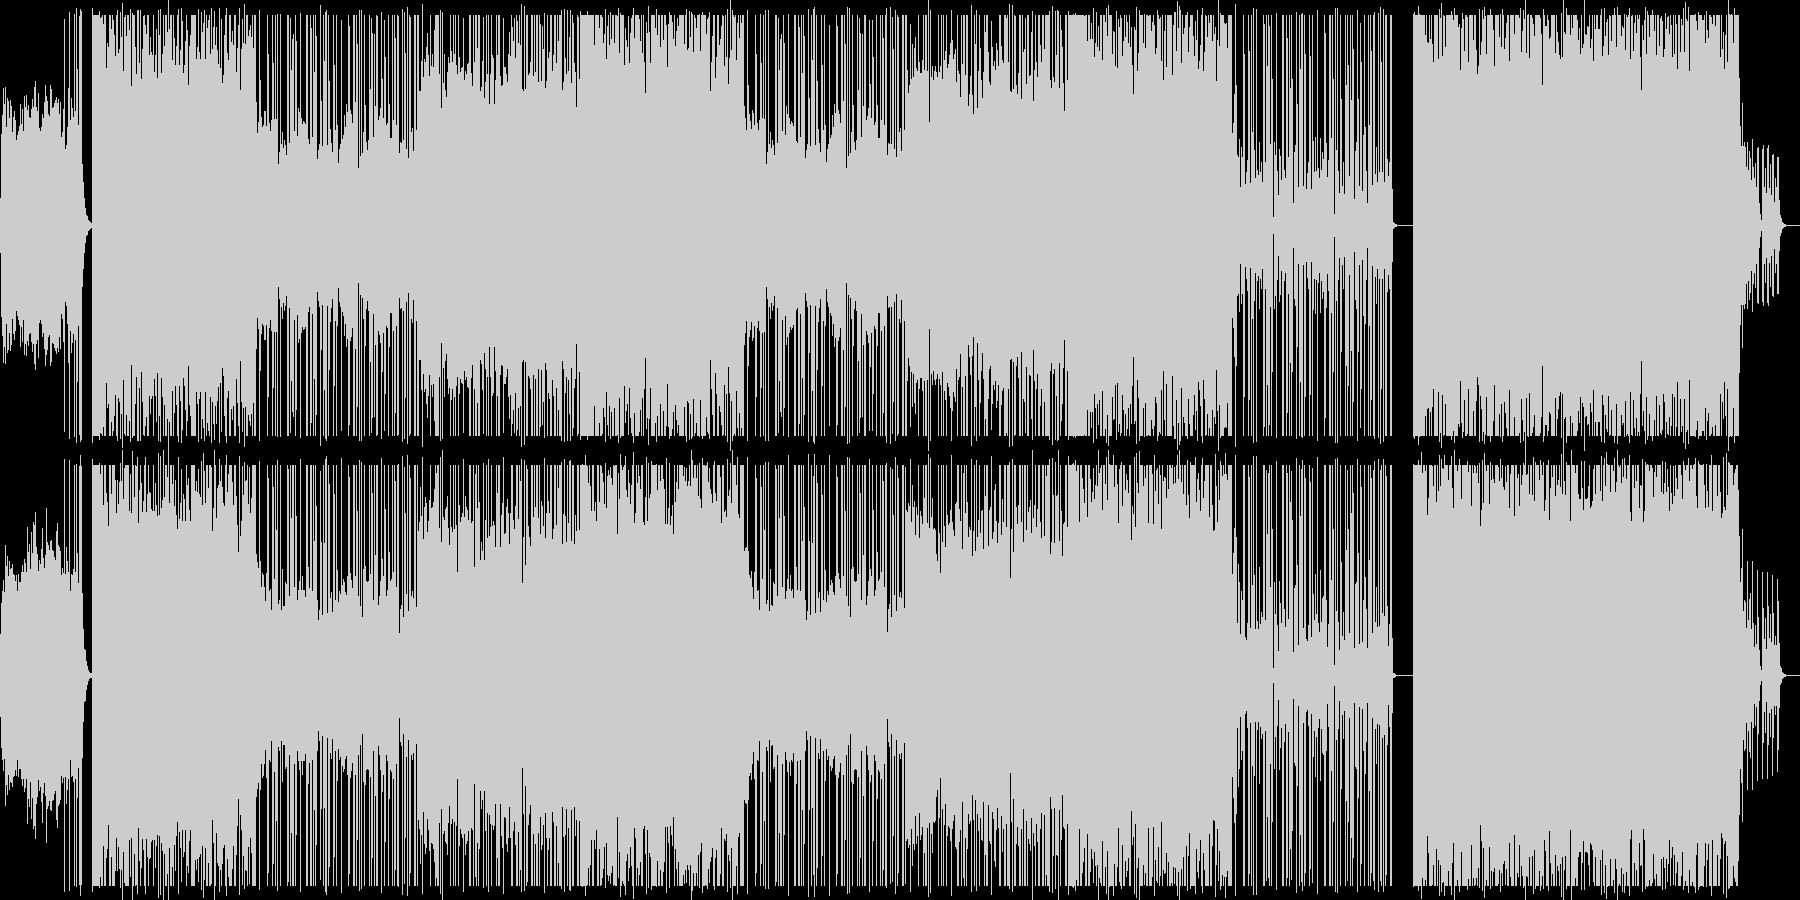 ストリングス/ヒップホップ/心地良い/月の未再生の波形